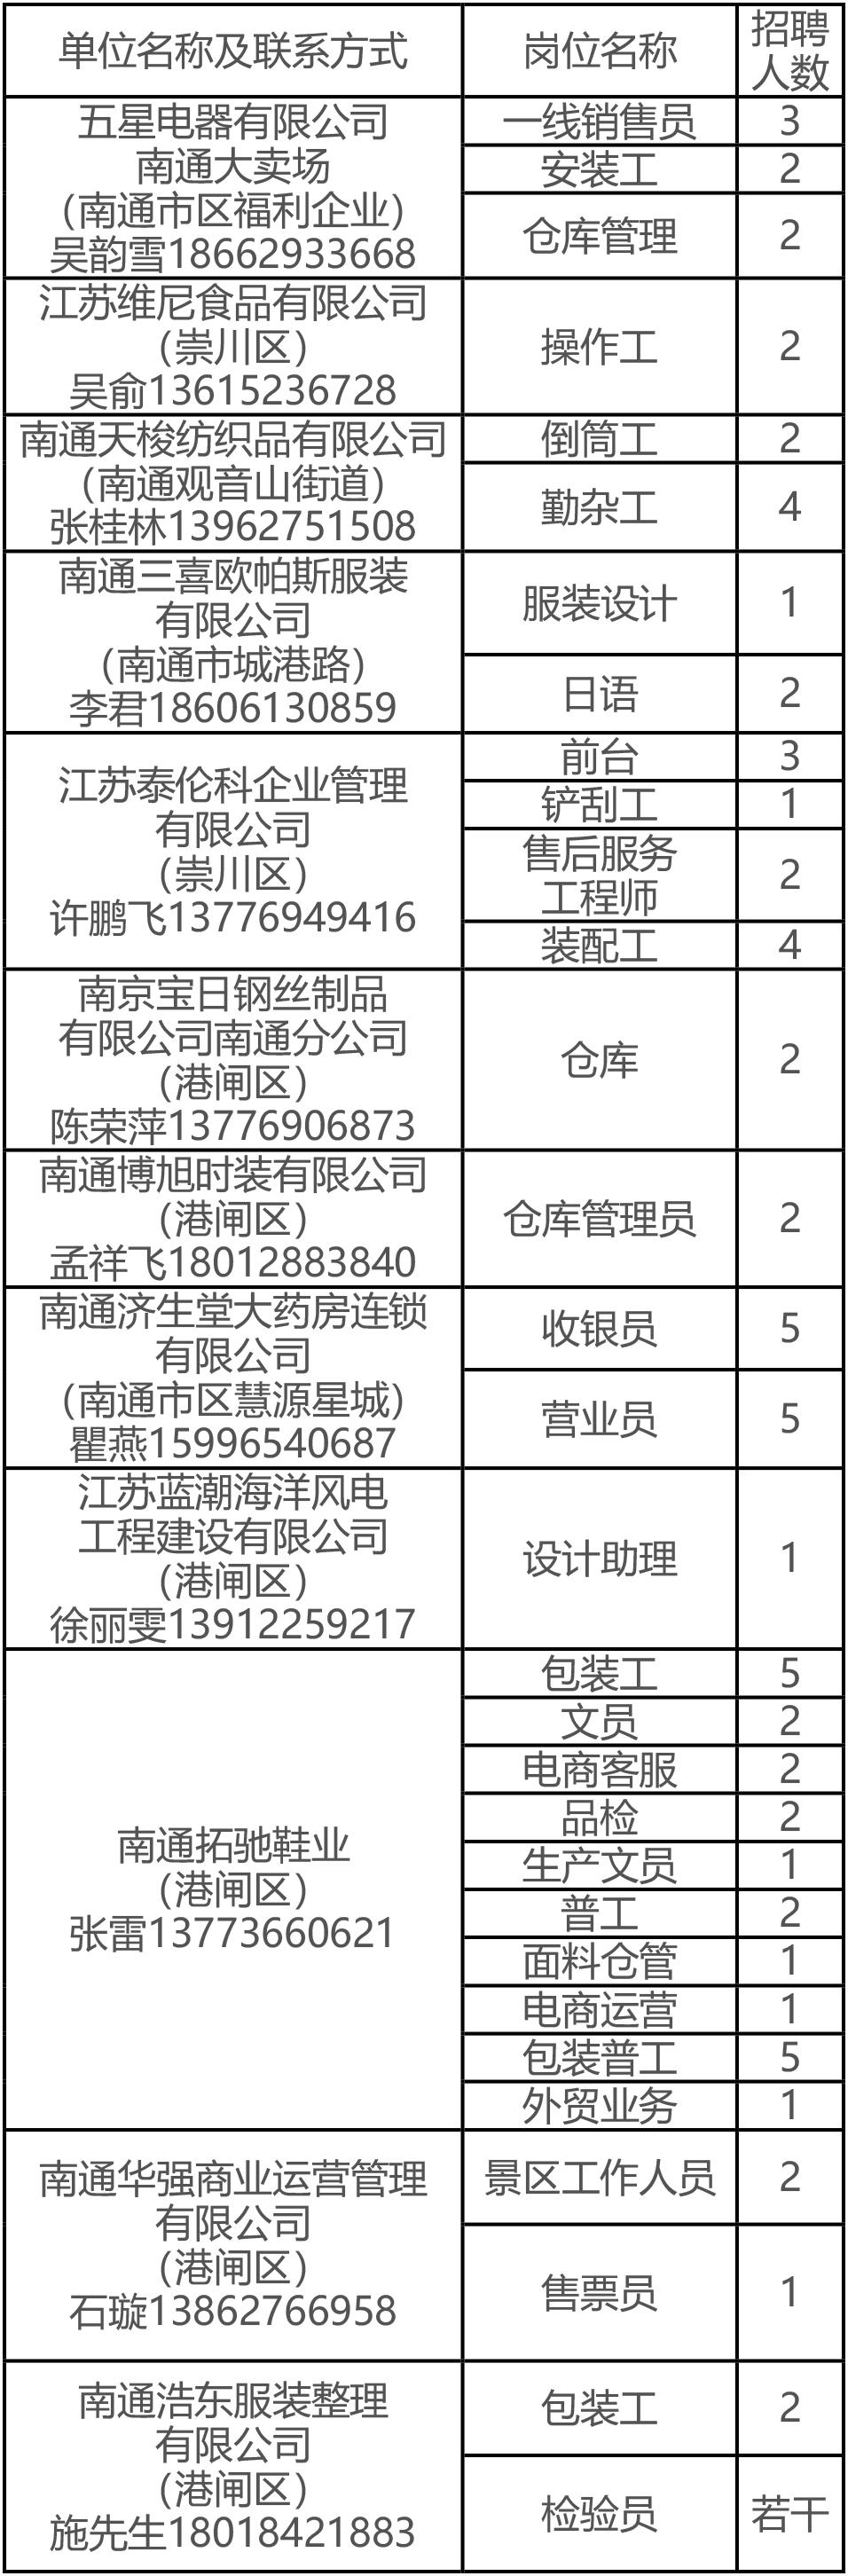 2018年南通市残疾人专场招聘会用人单位详细资料